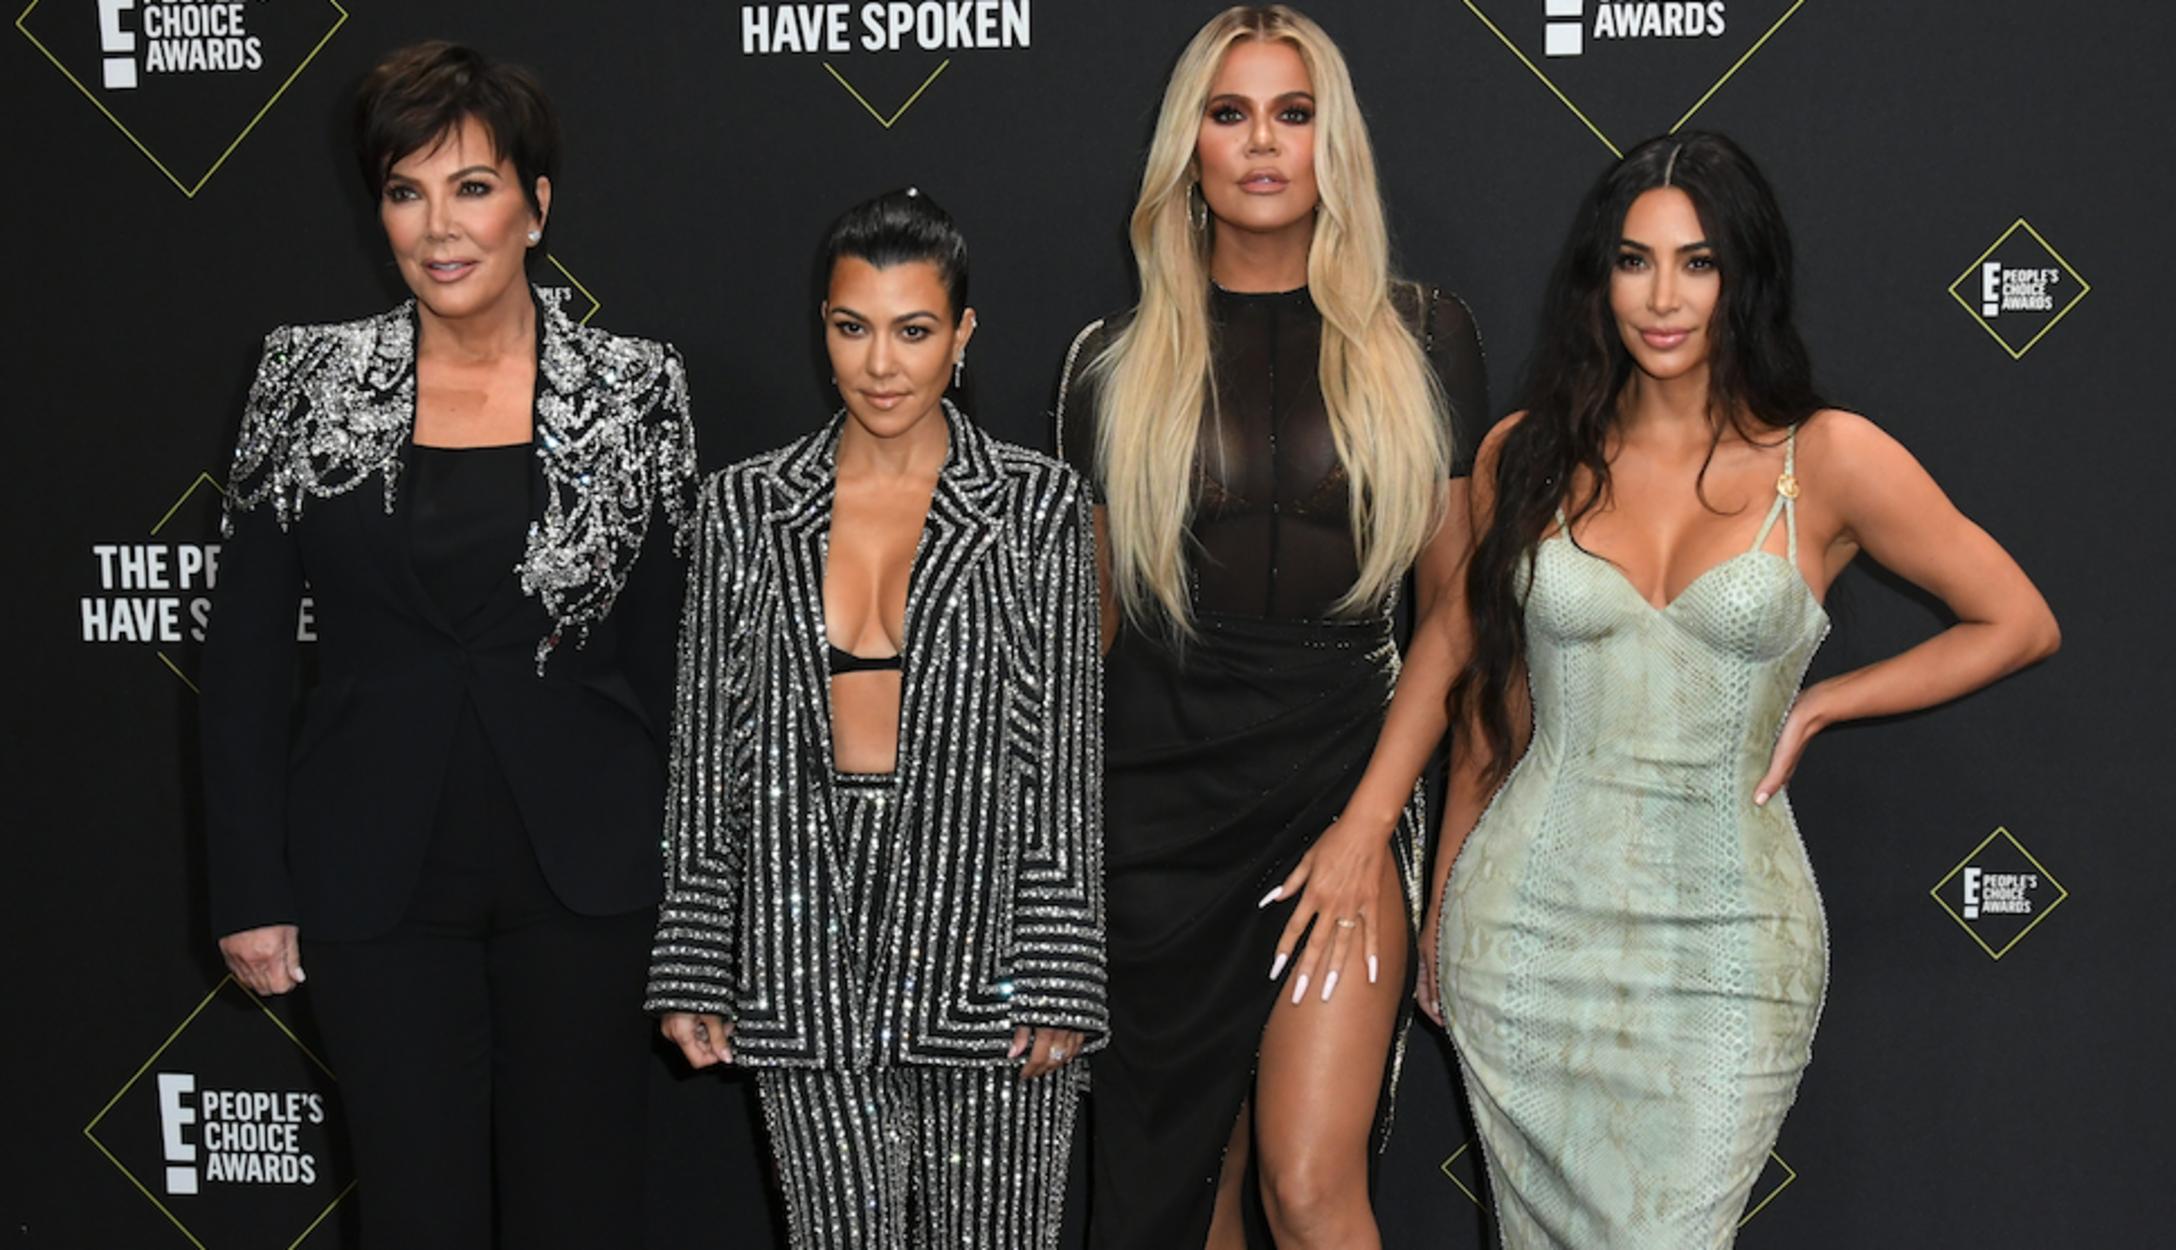 20 Times the Kardashians Made Us LOL